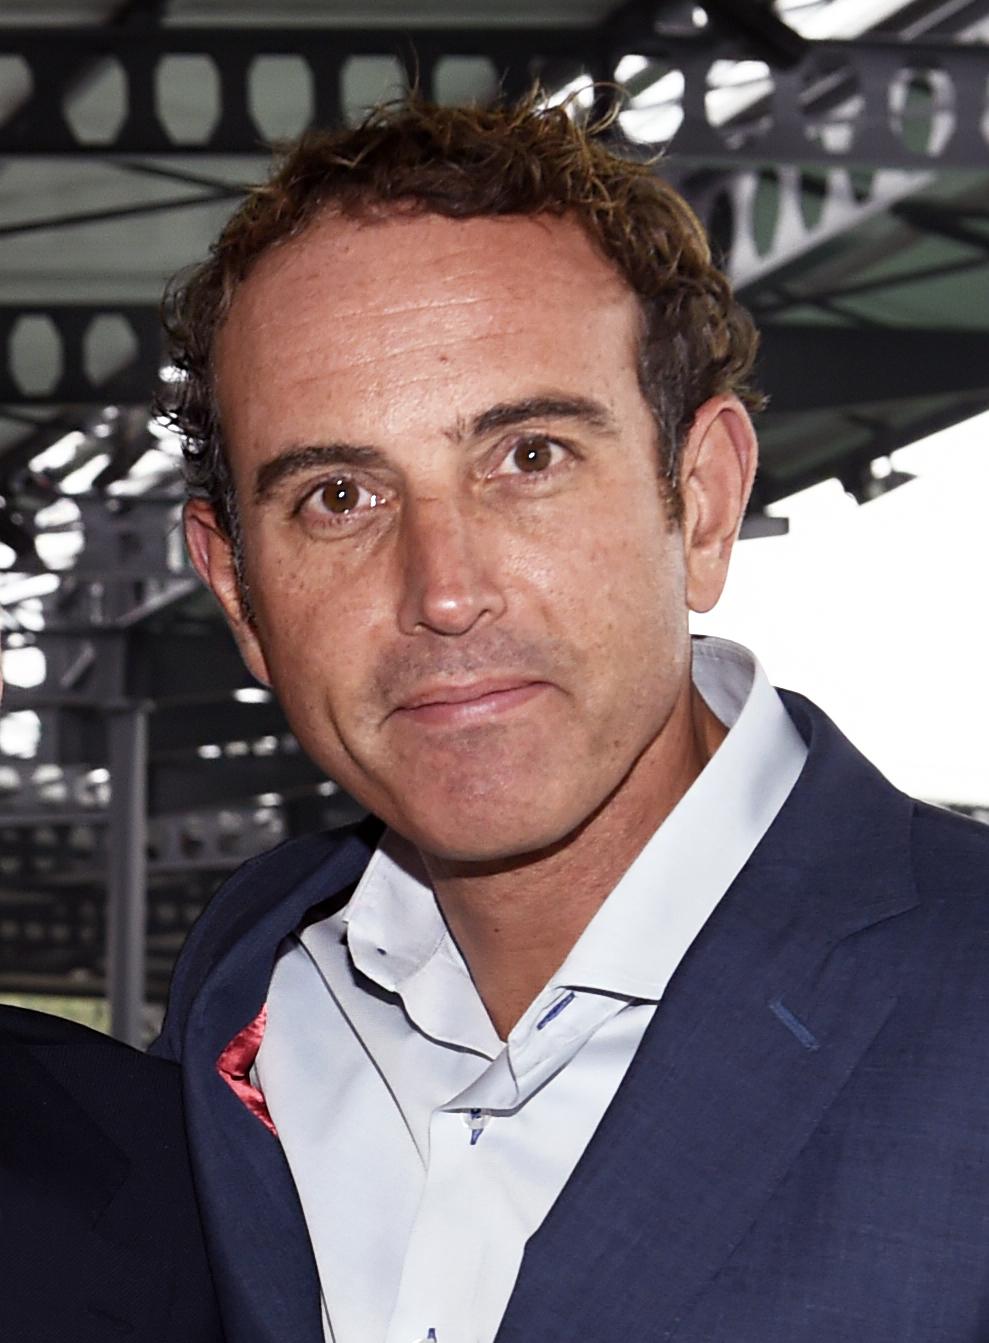 Olivier Smit